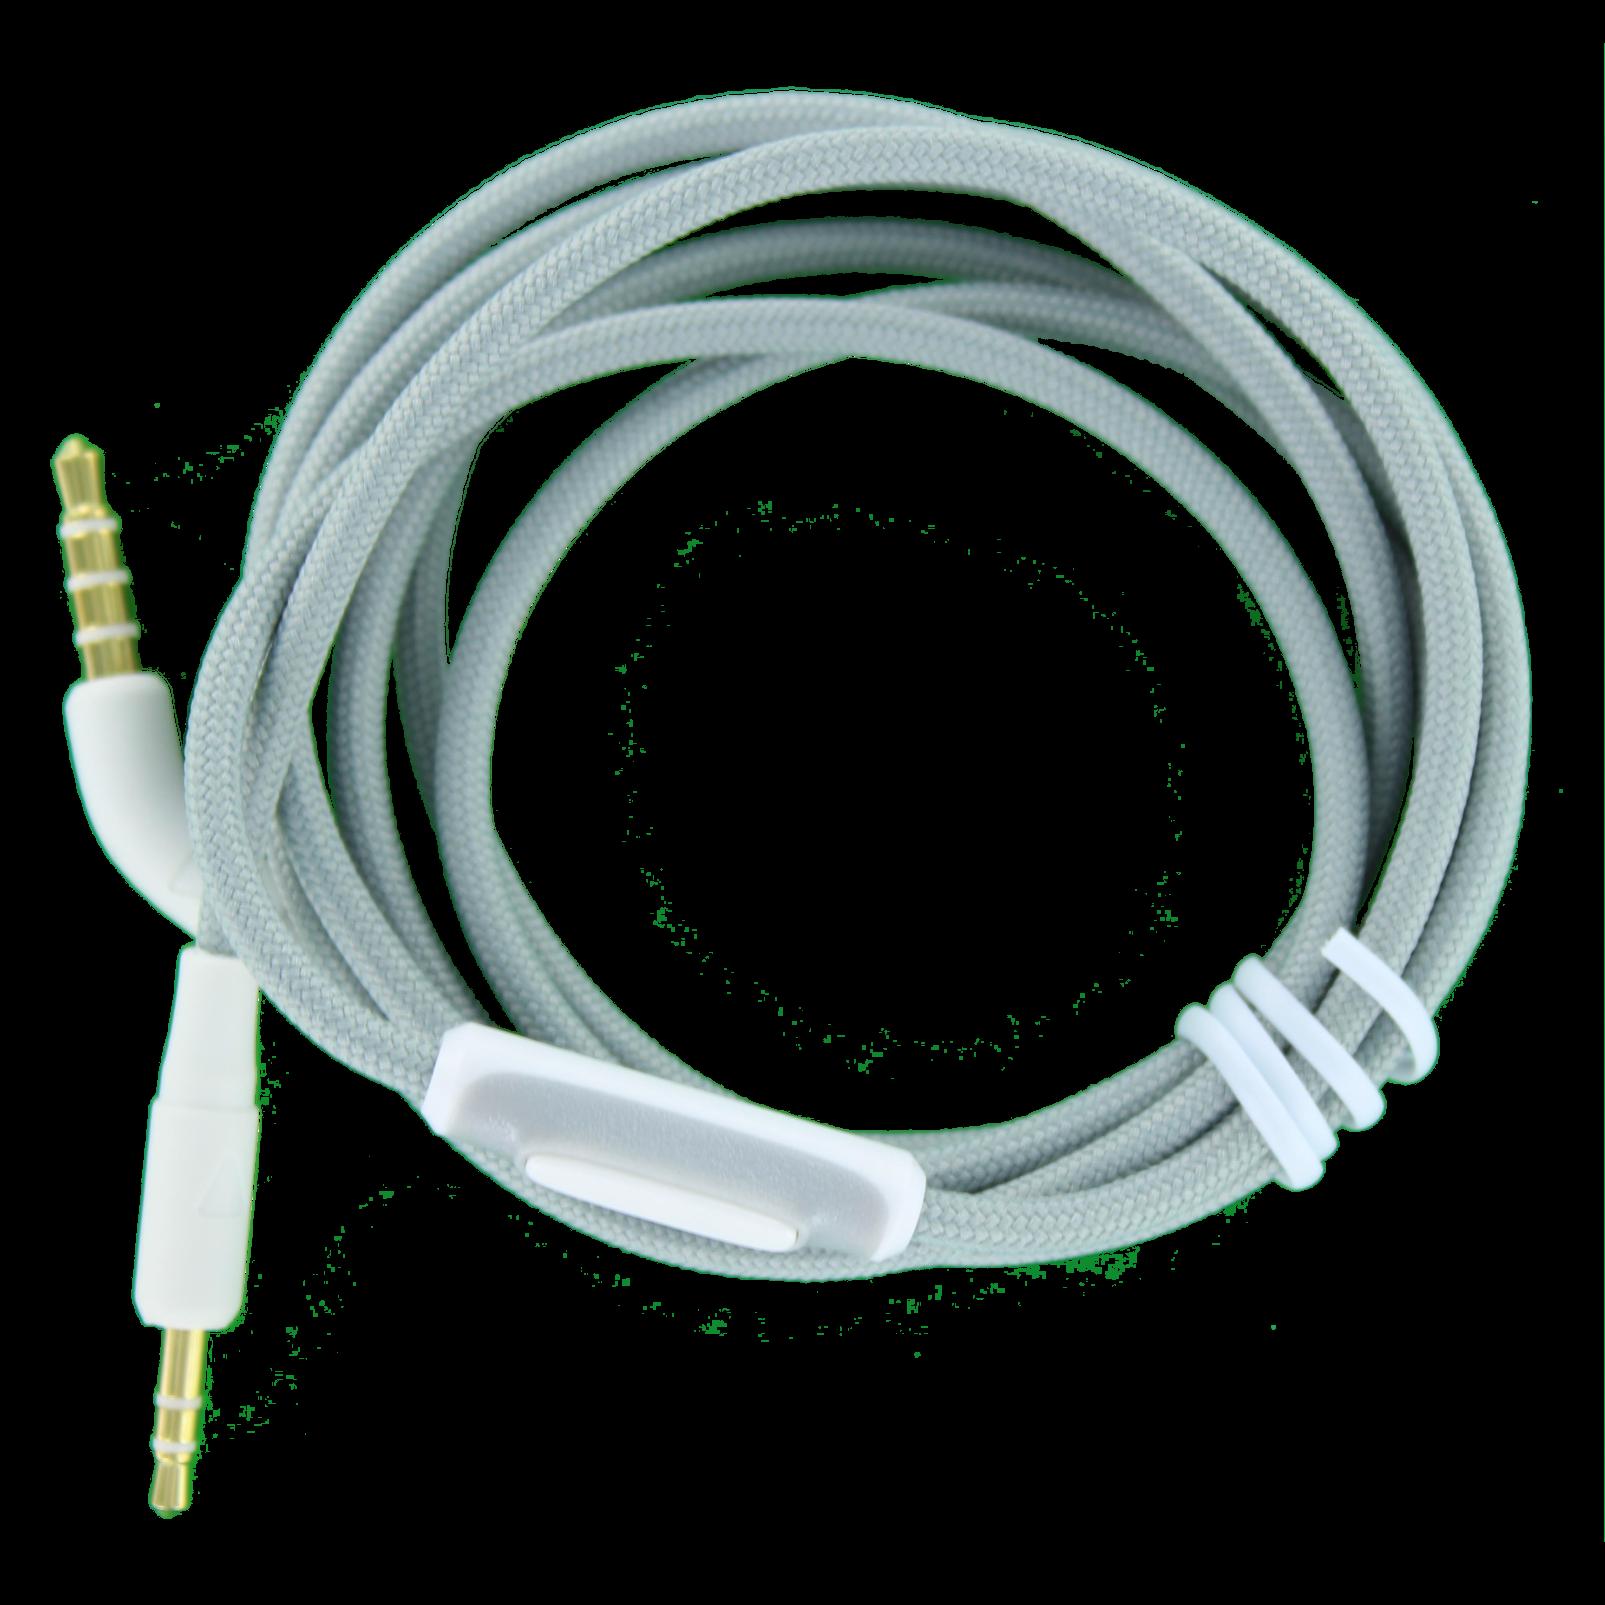 Audio cable E35, E45BT, E55 - Grey - Audio cable 130 cm - Hero